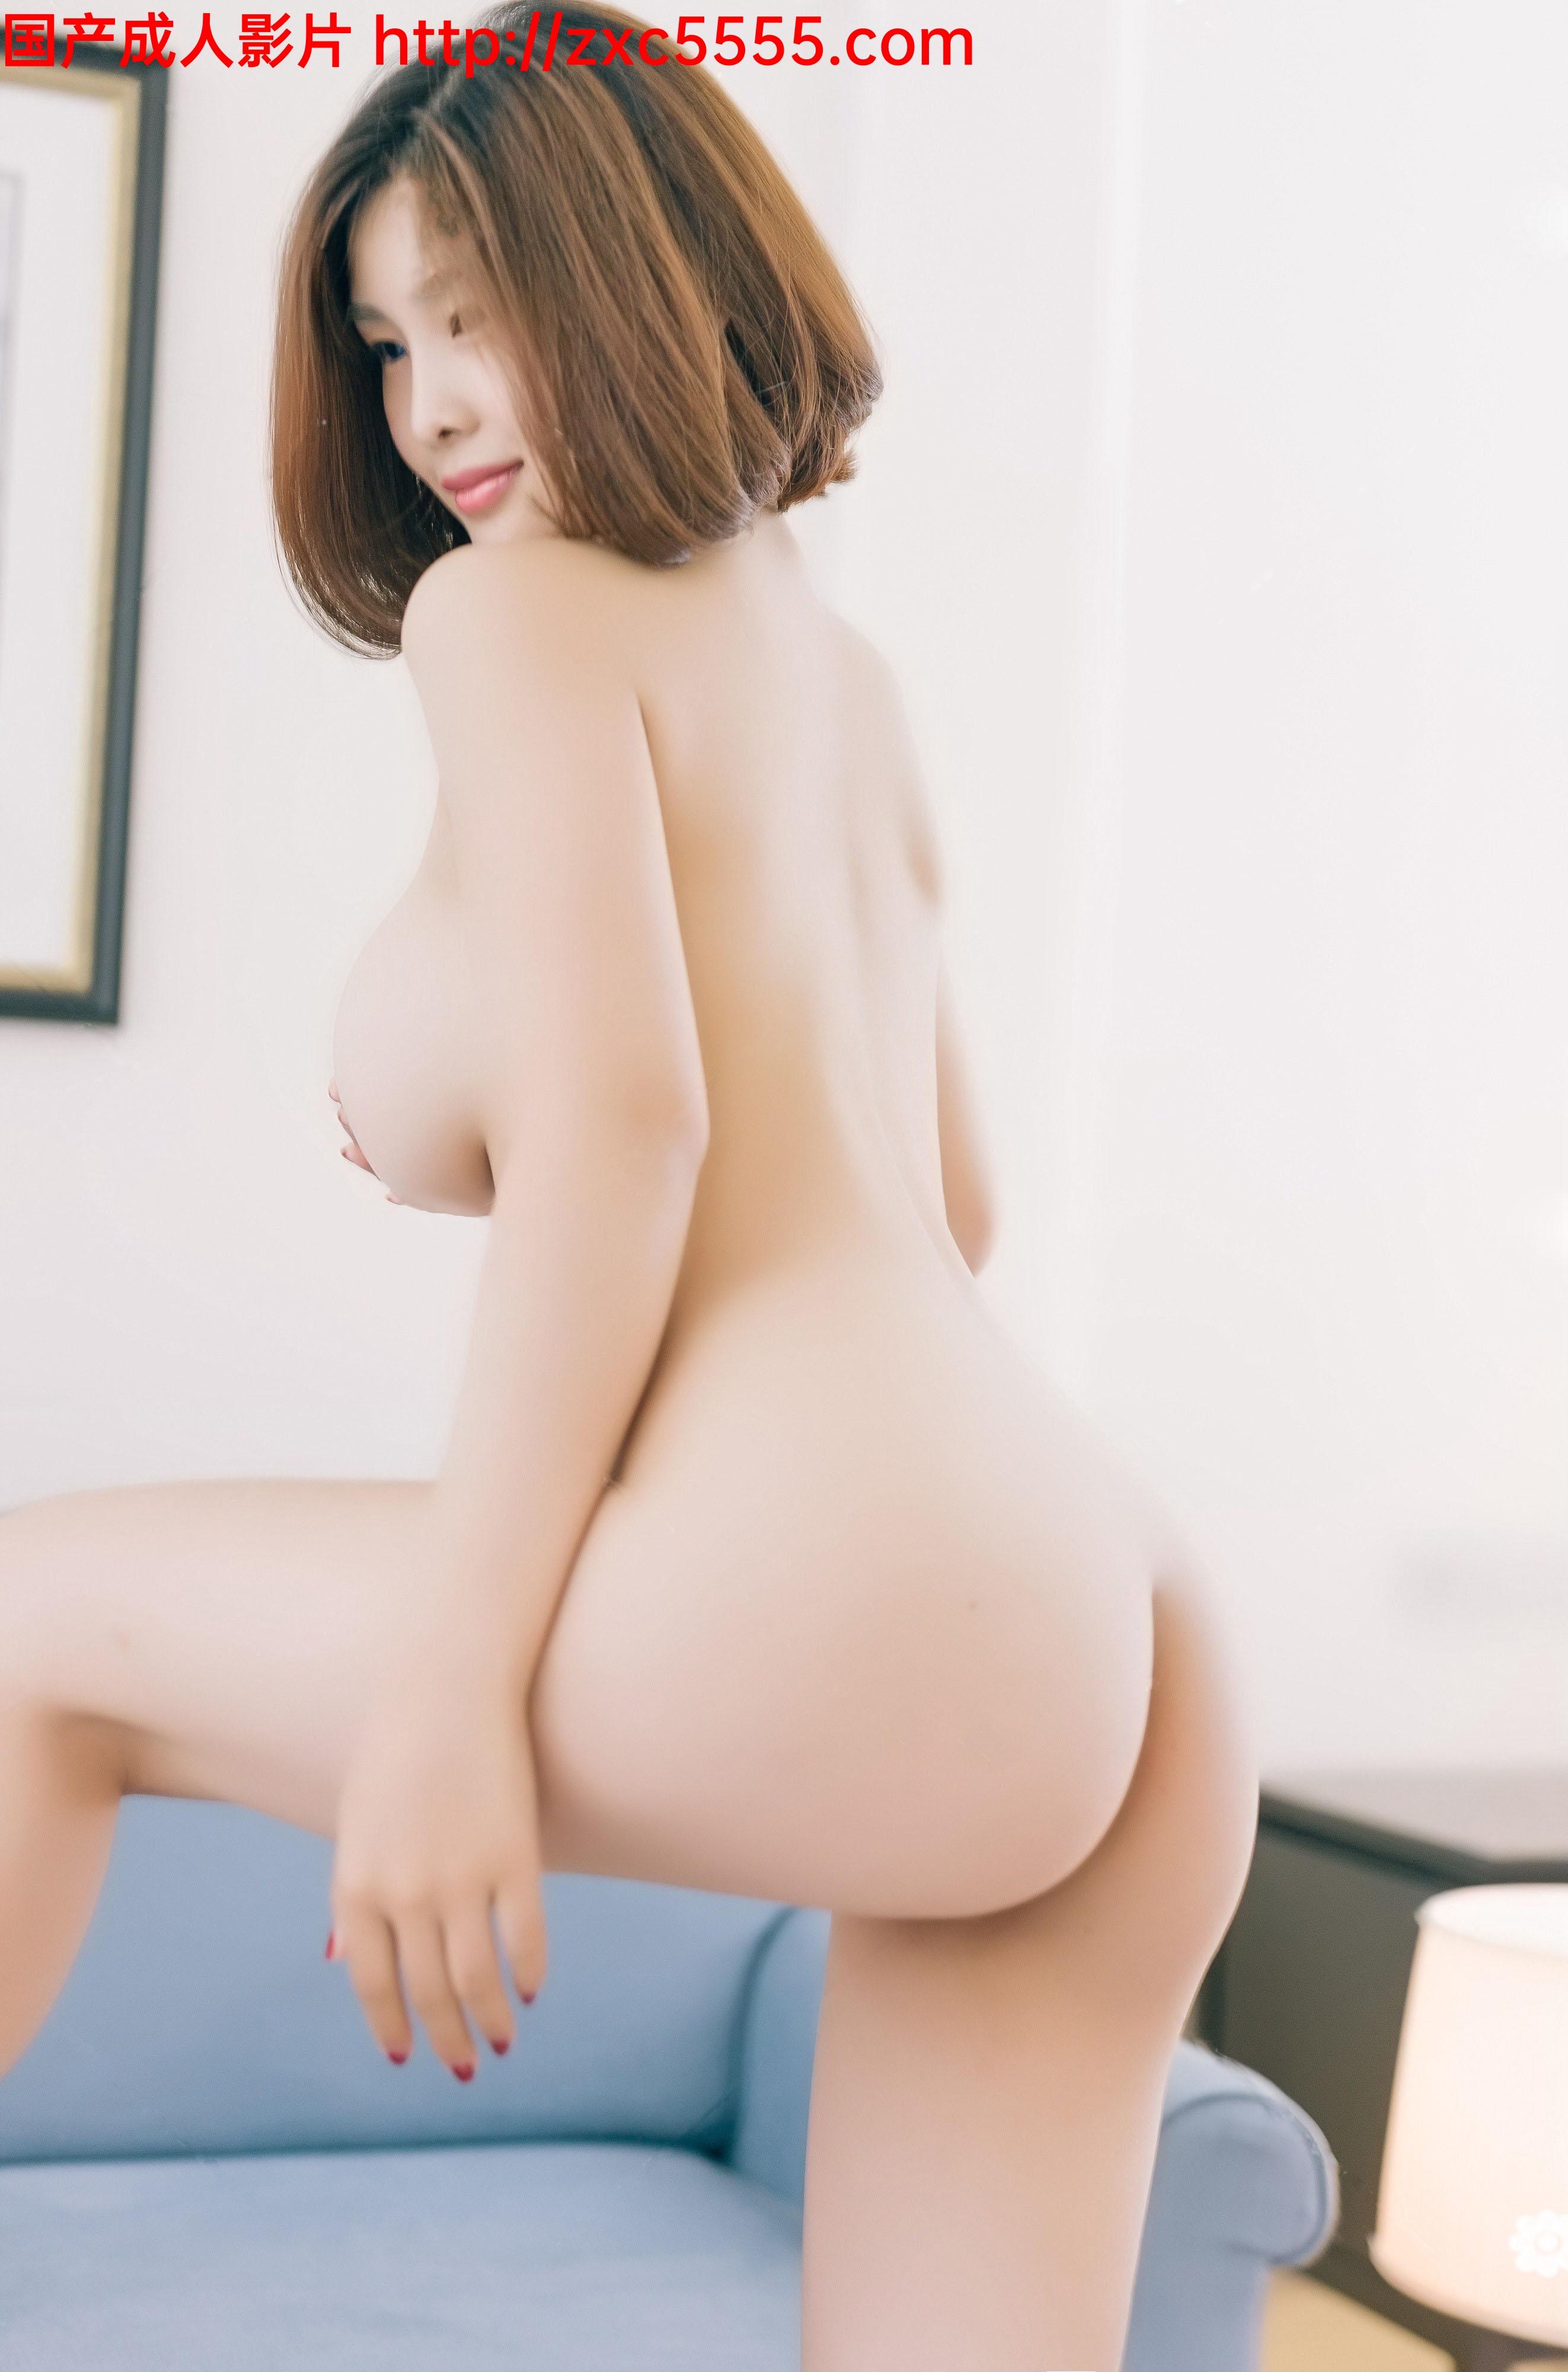 網紅少女人格分裂的momo醬-連體開襠褲(會員版)圖包視頻 / 大胸奶神闫盼盼